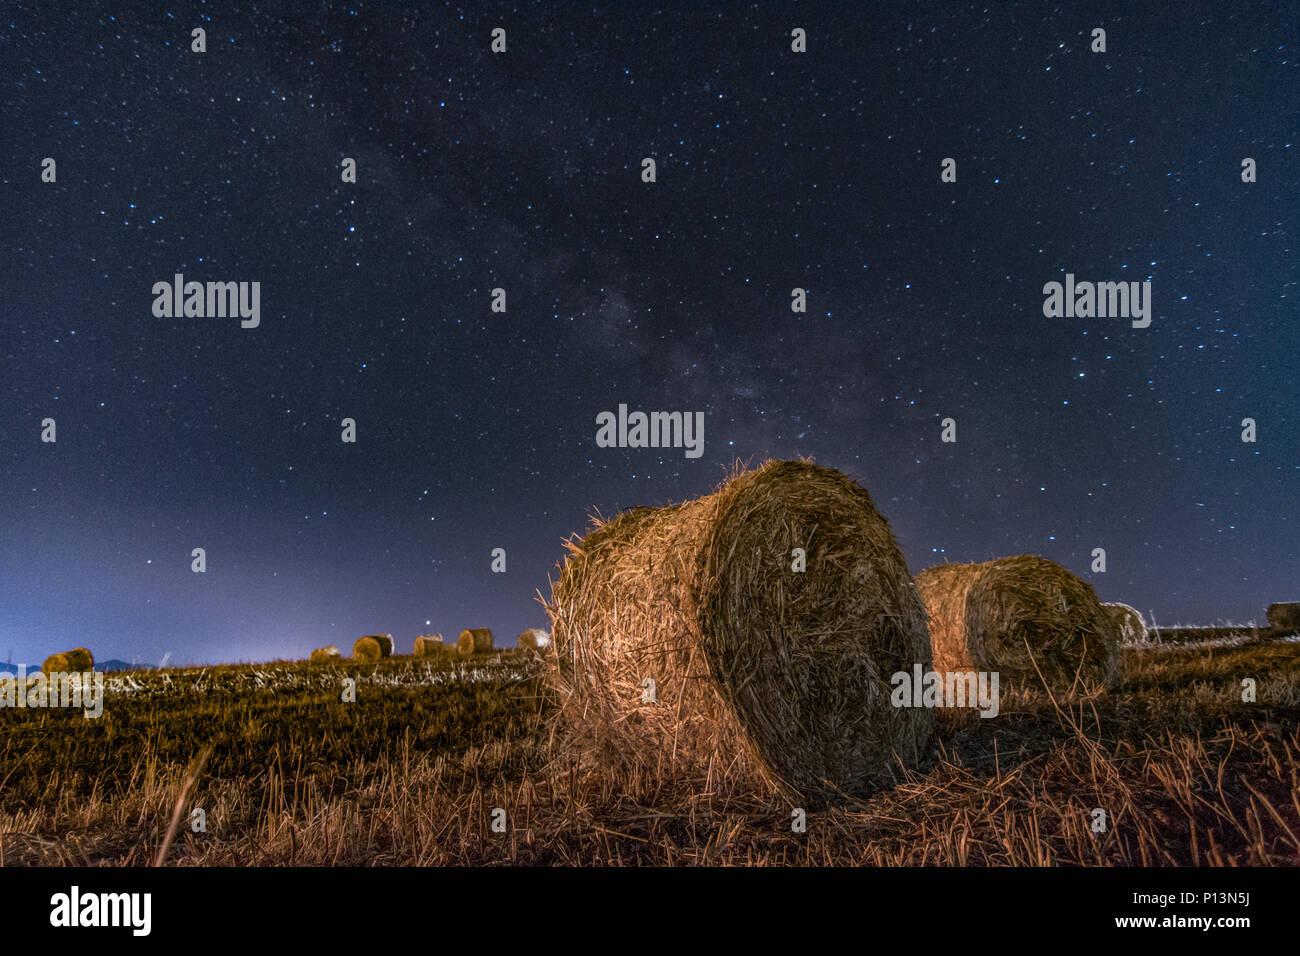 STARRY SKY IN SICILY - Stock Image